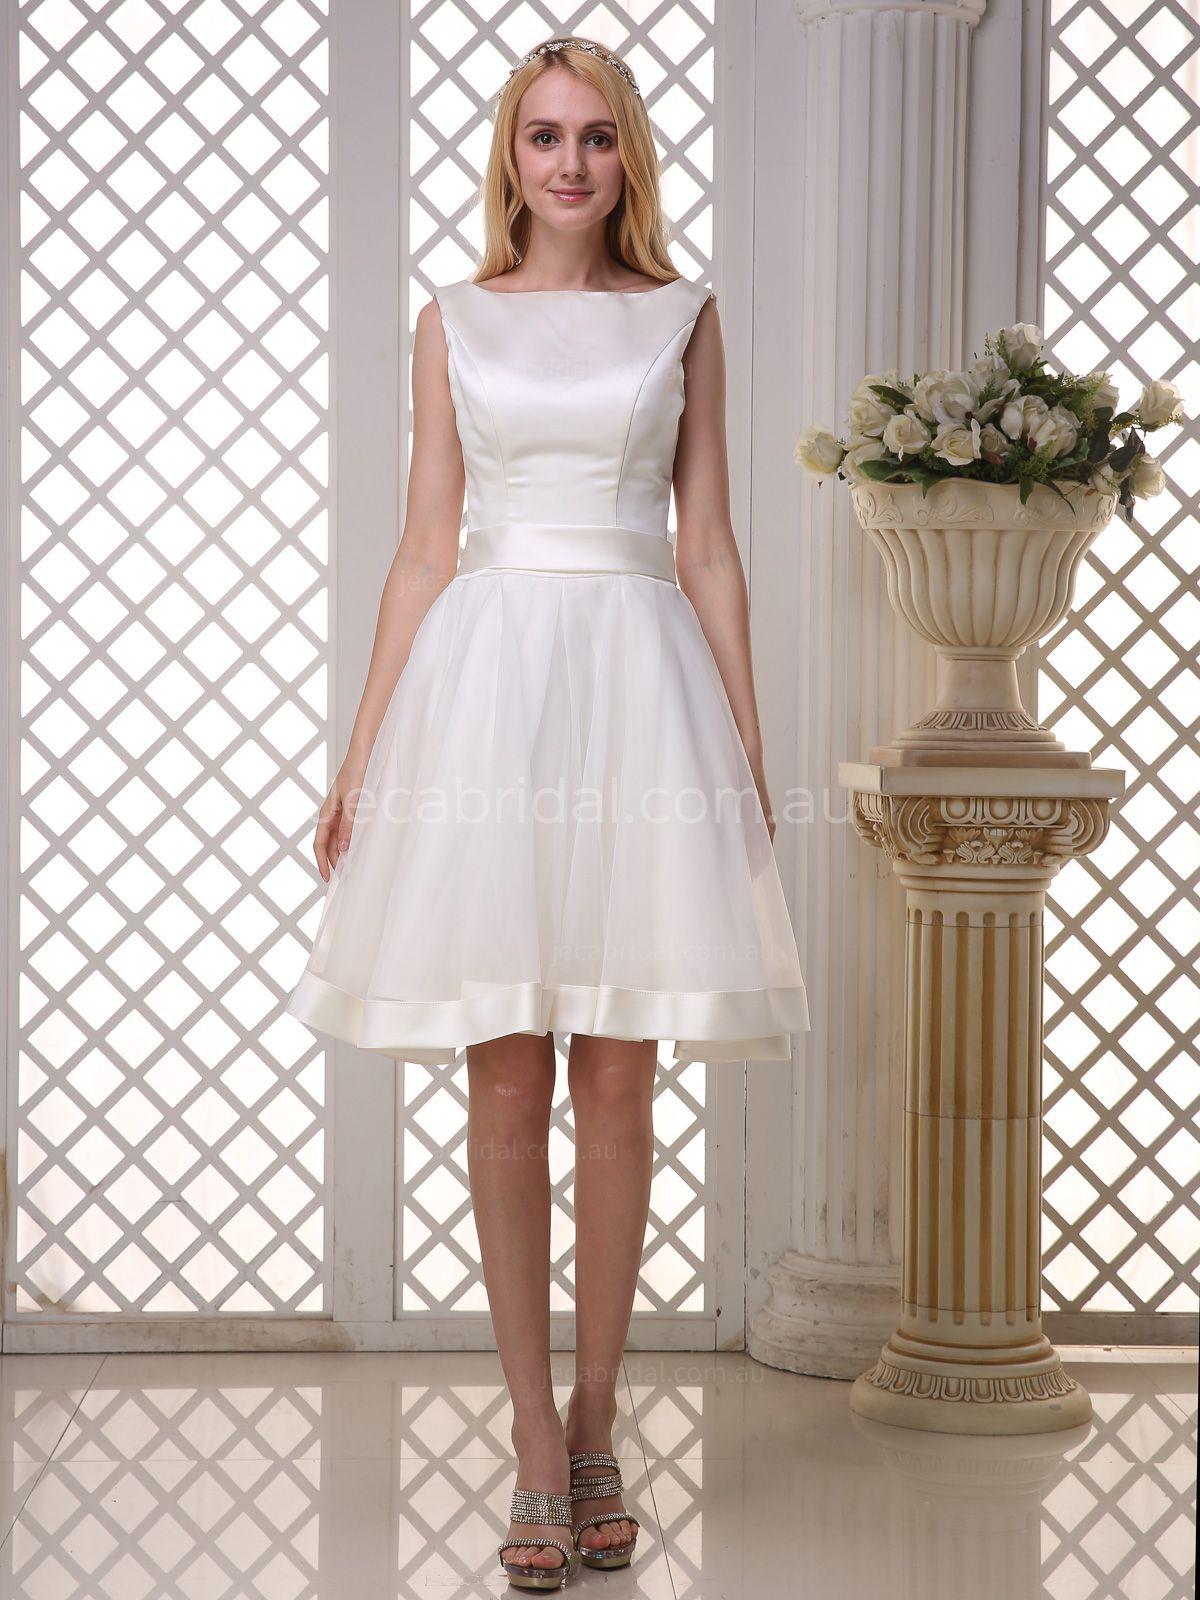 Short Wedding Dresses Jeca Bridal Australia Vestidos De Novia Vestidos De Novia Cortos Vestidos De Moda [ 1600 x 1200 Pixel ]